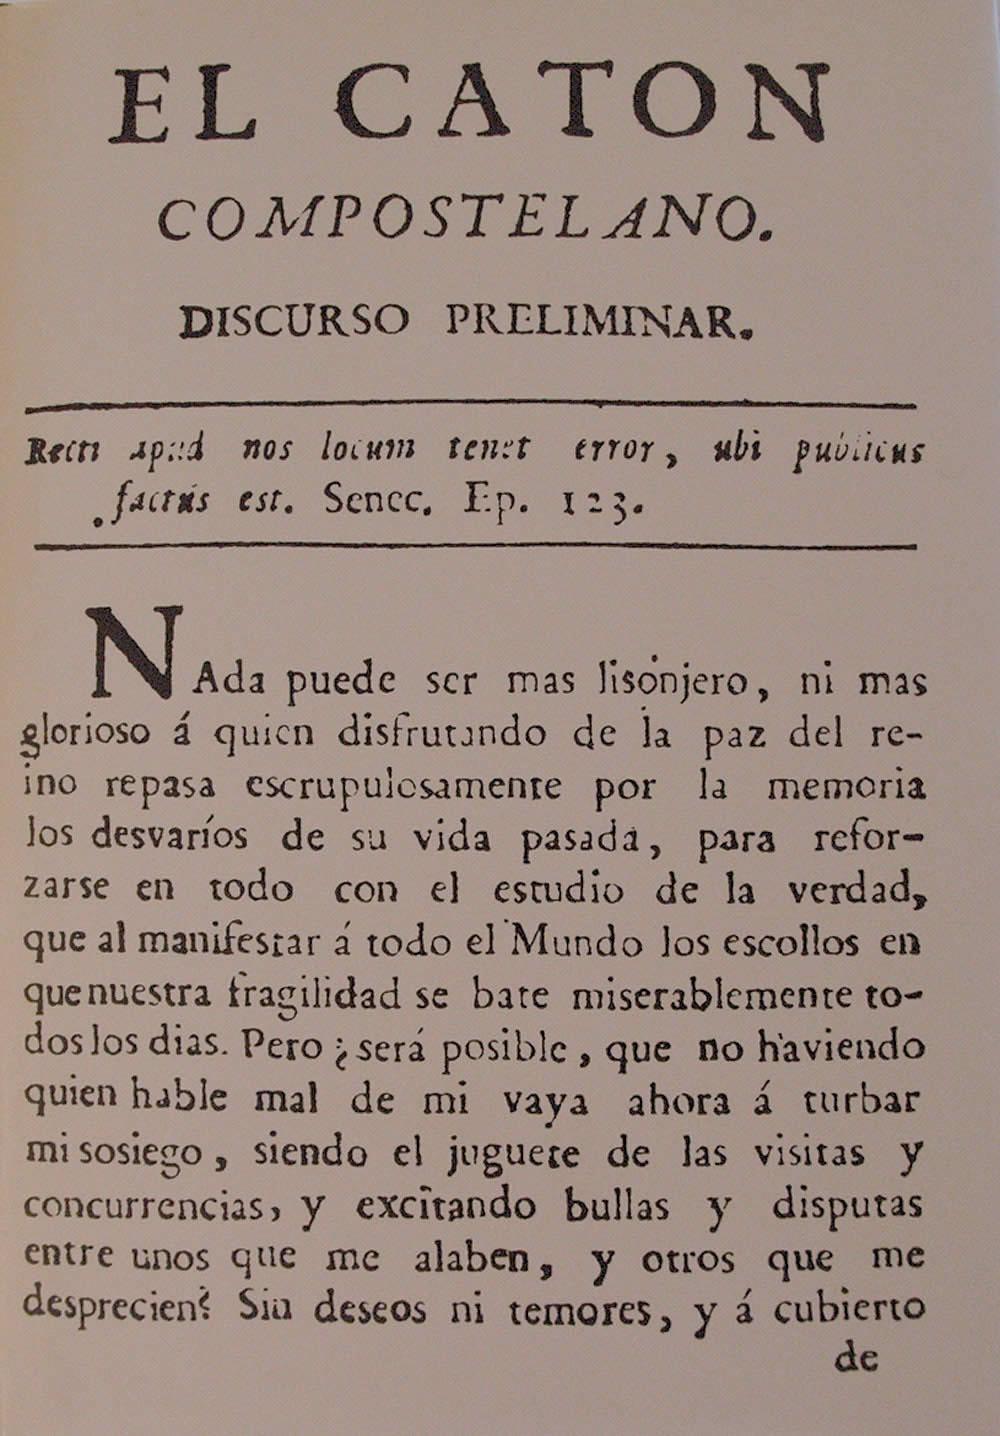 Portada de El catón Compostelano